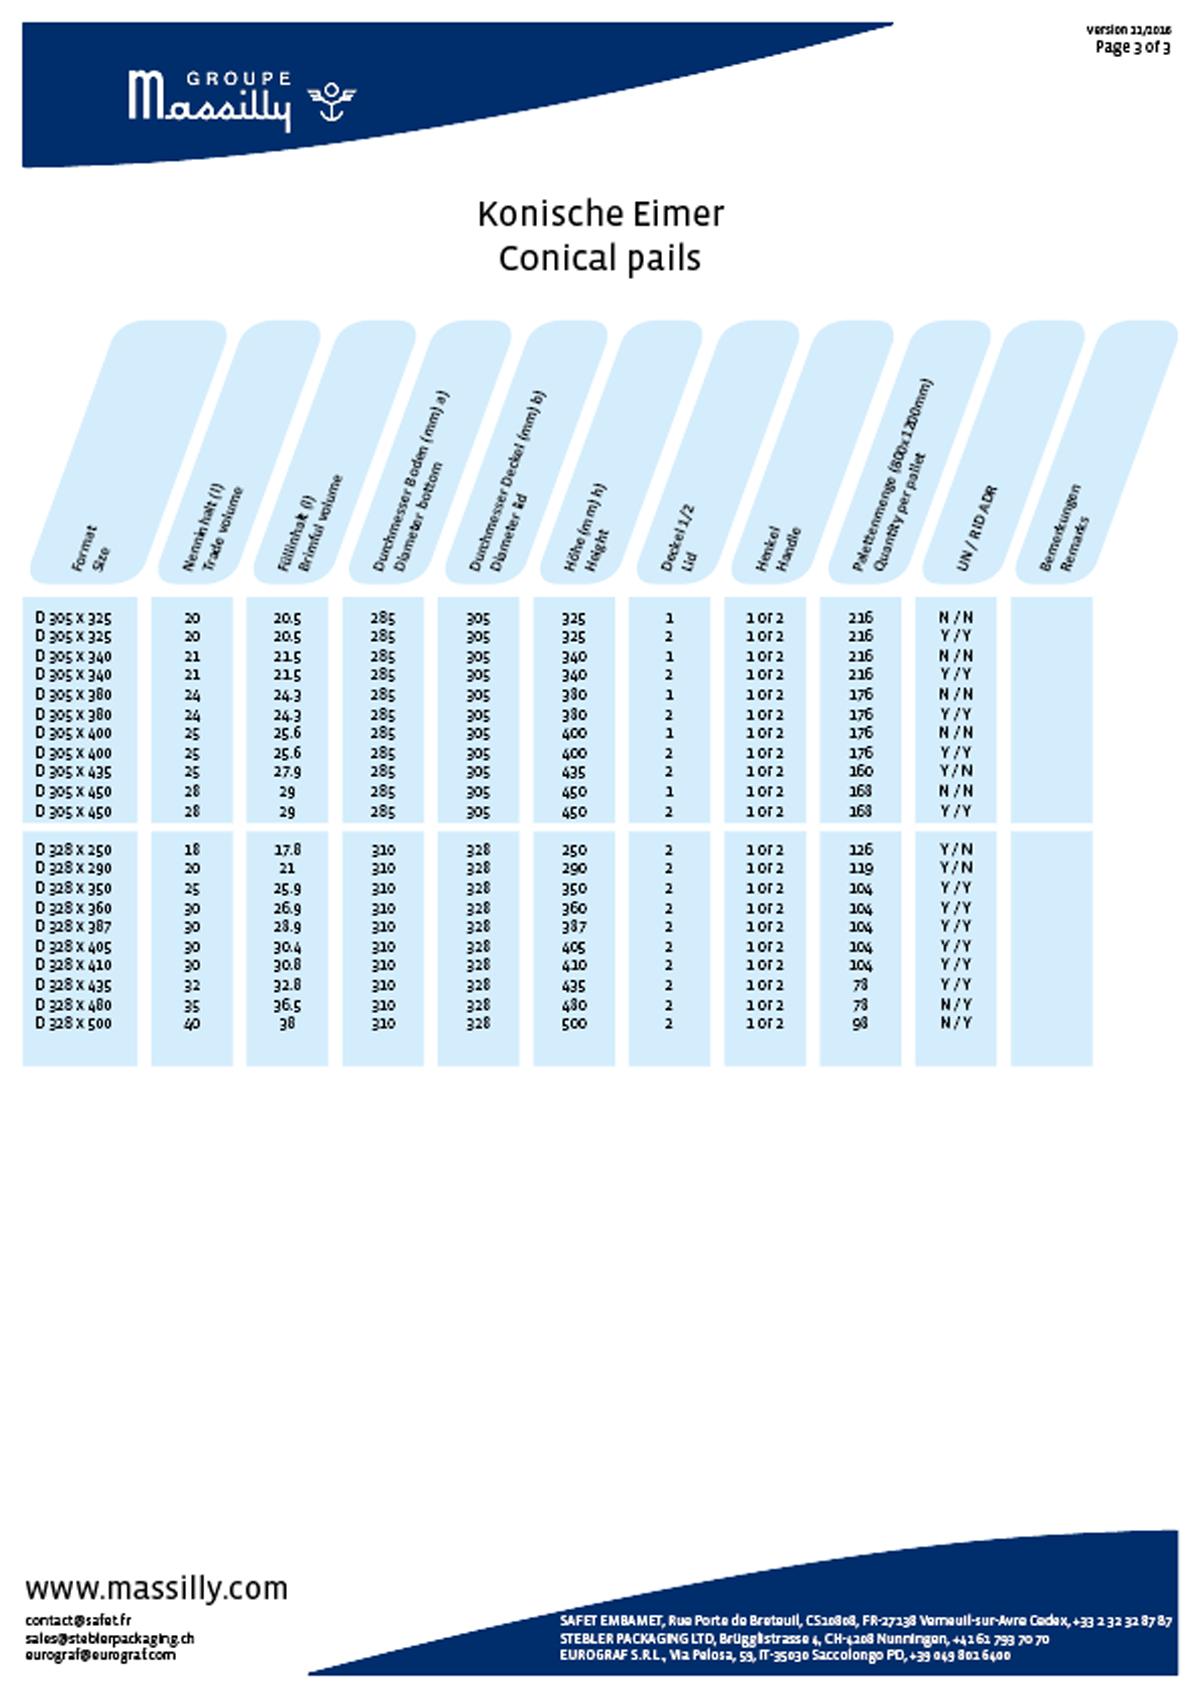 Konische_Eimer_datenblatt-stebler-packaging-ag-112016-3